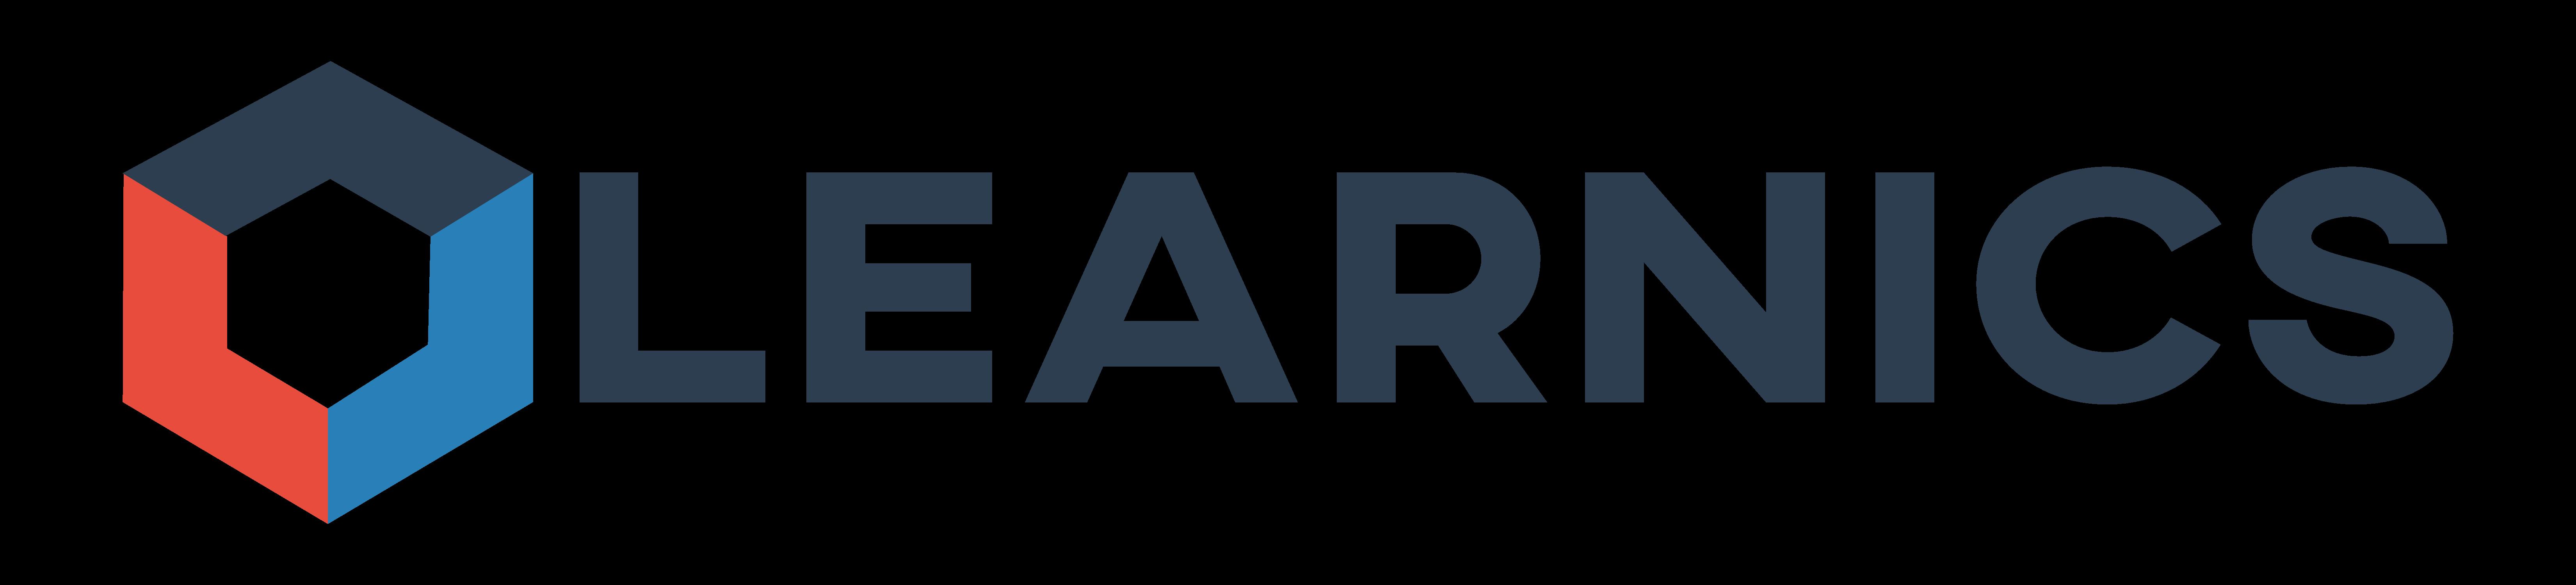 Learnics logo